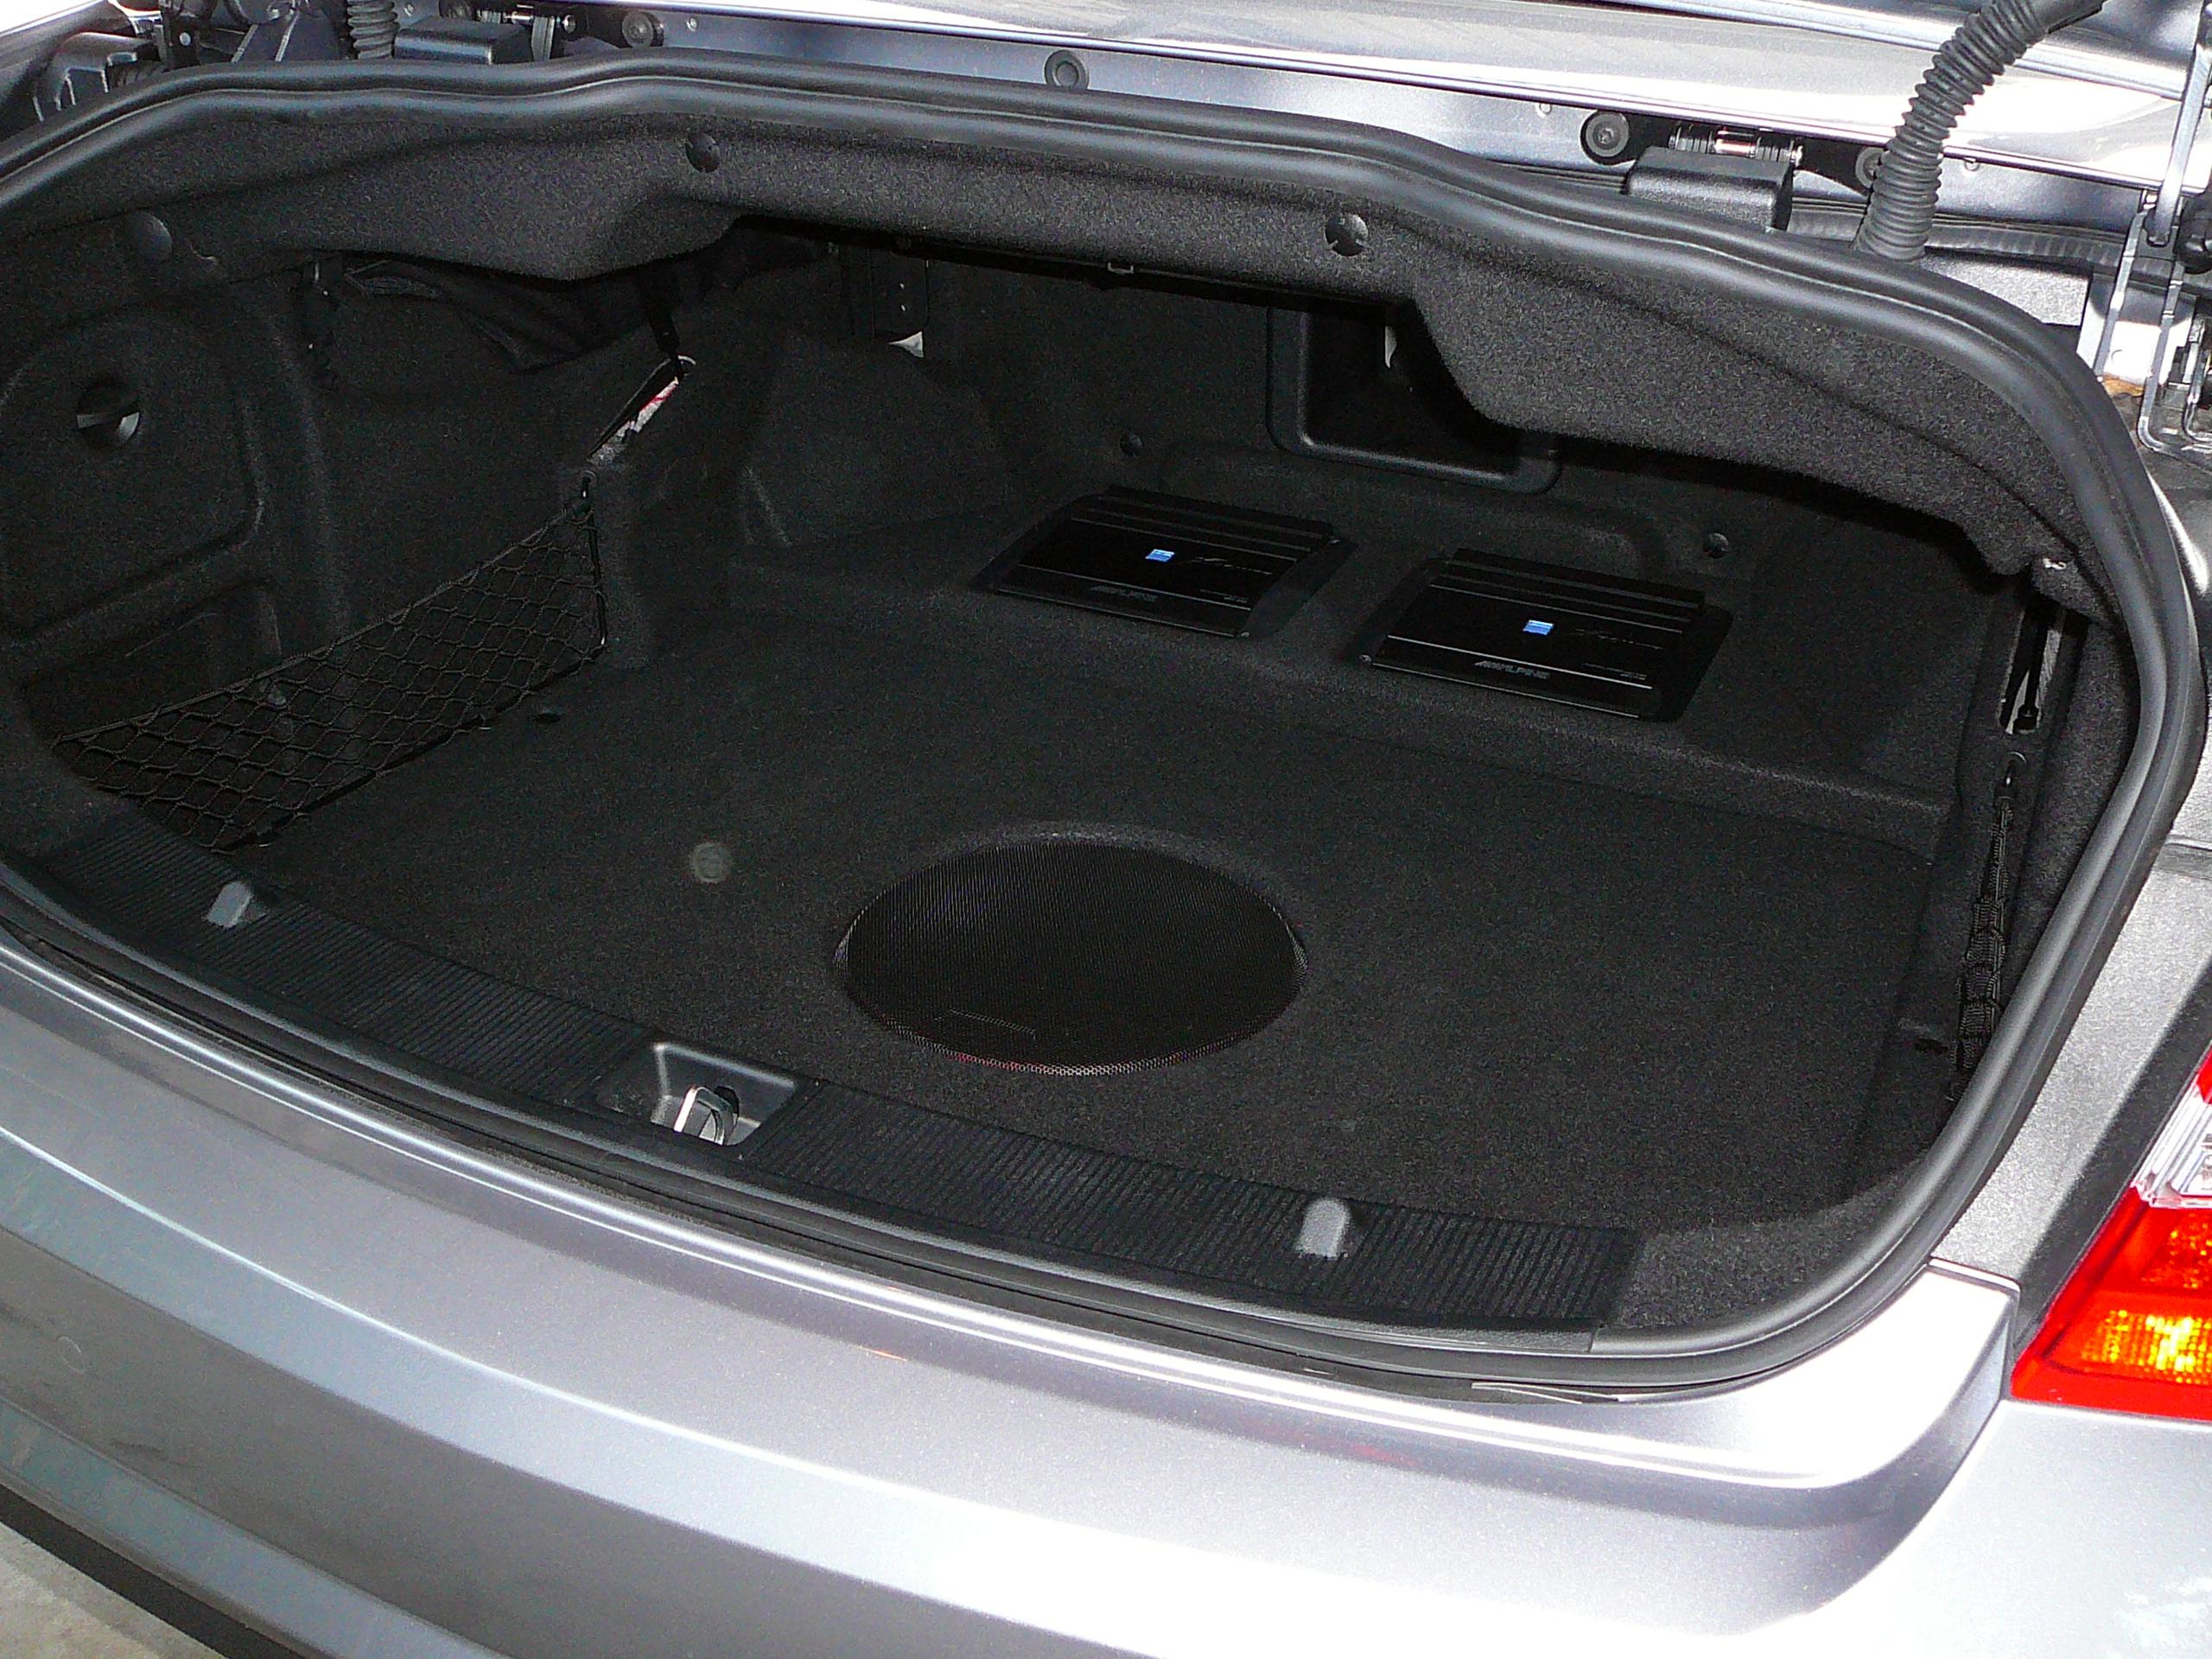 Mercedes Benz E Class Custom Subwoofer & Amplifier Installation